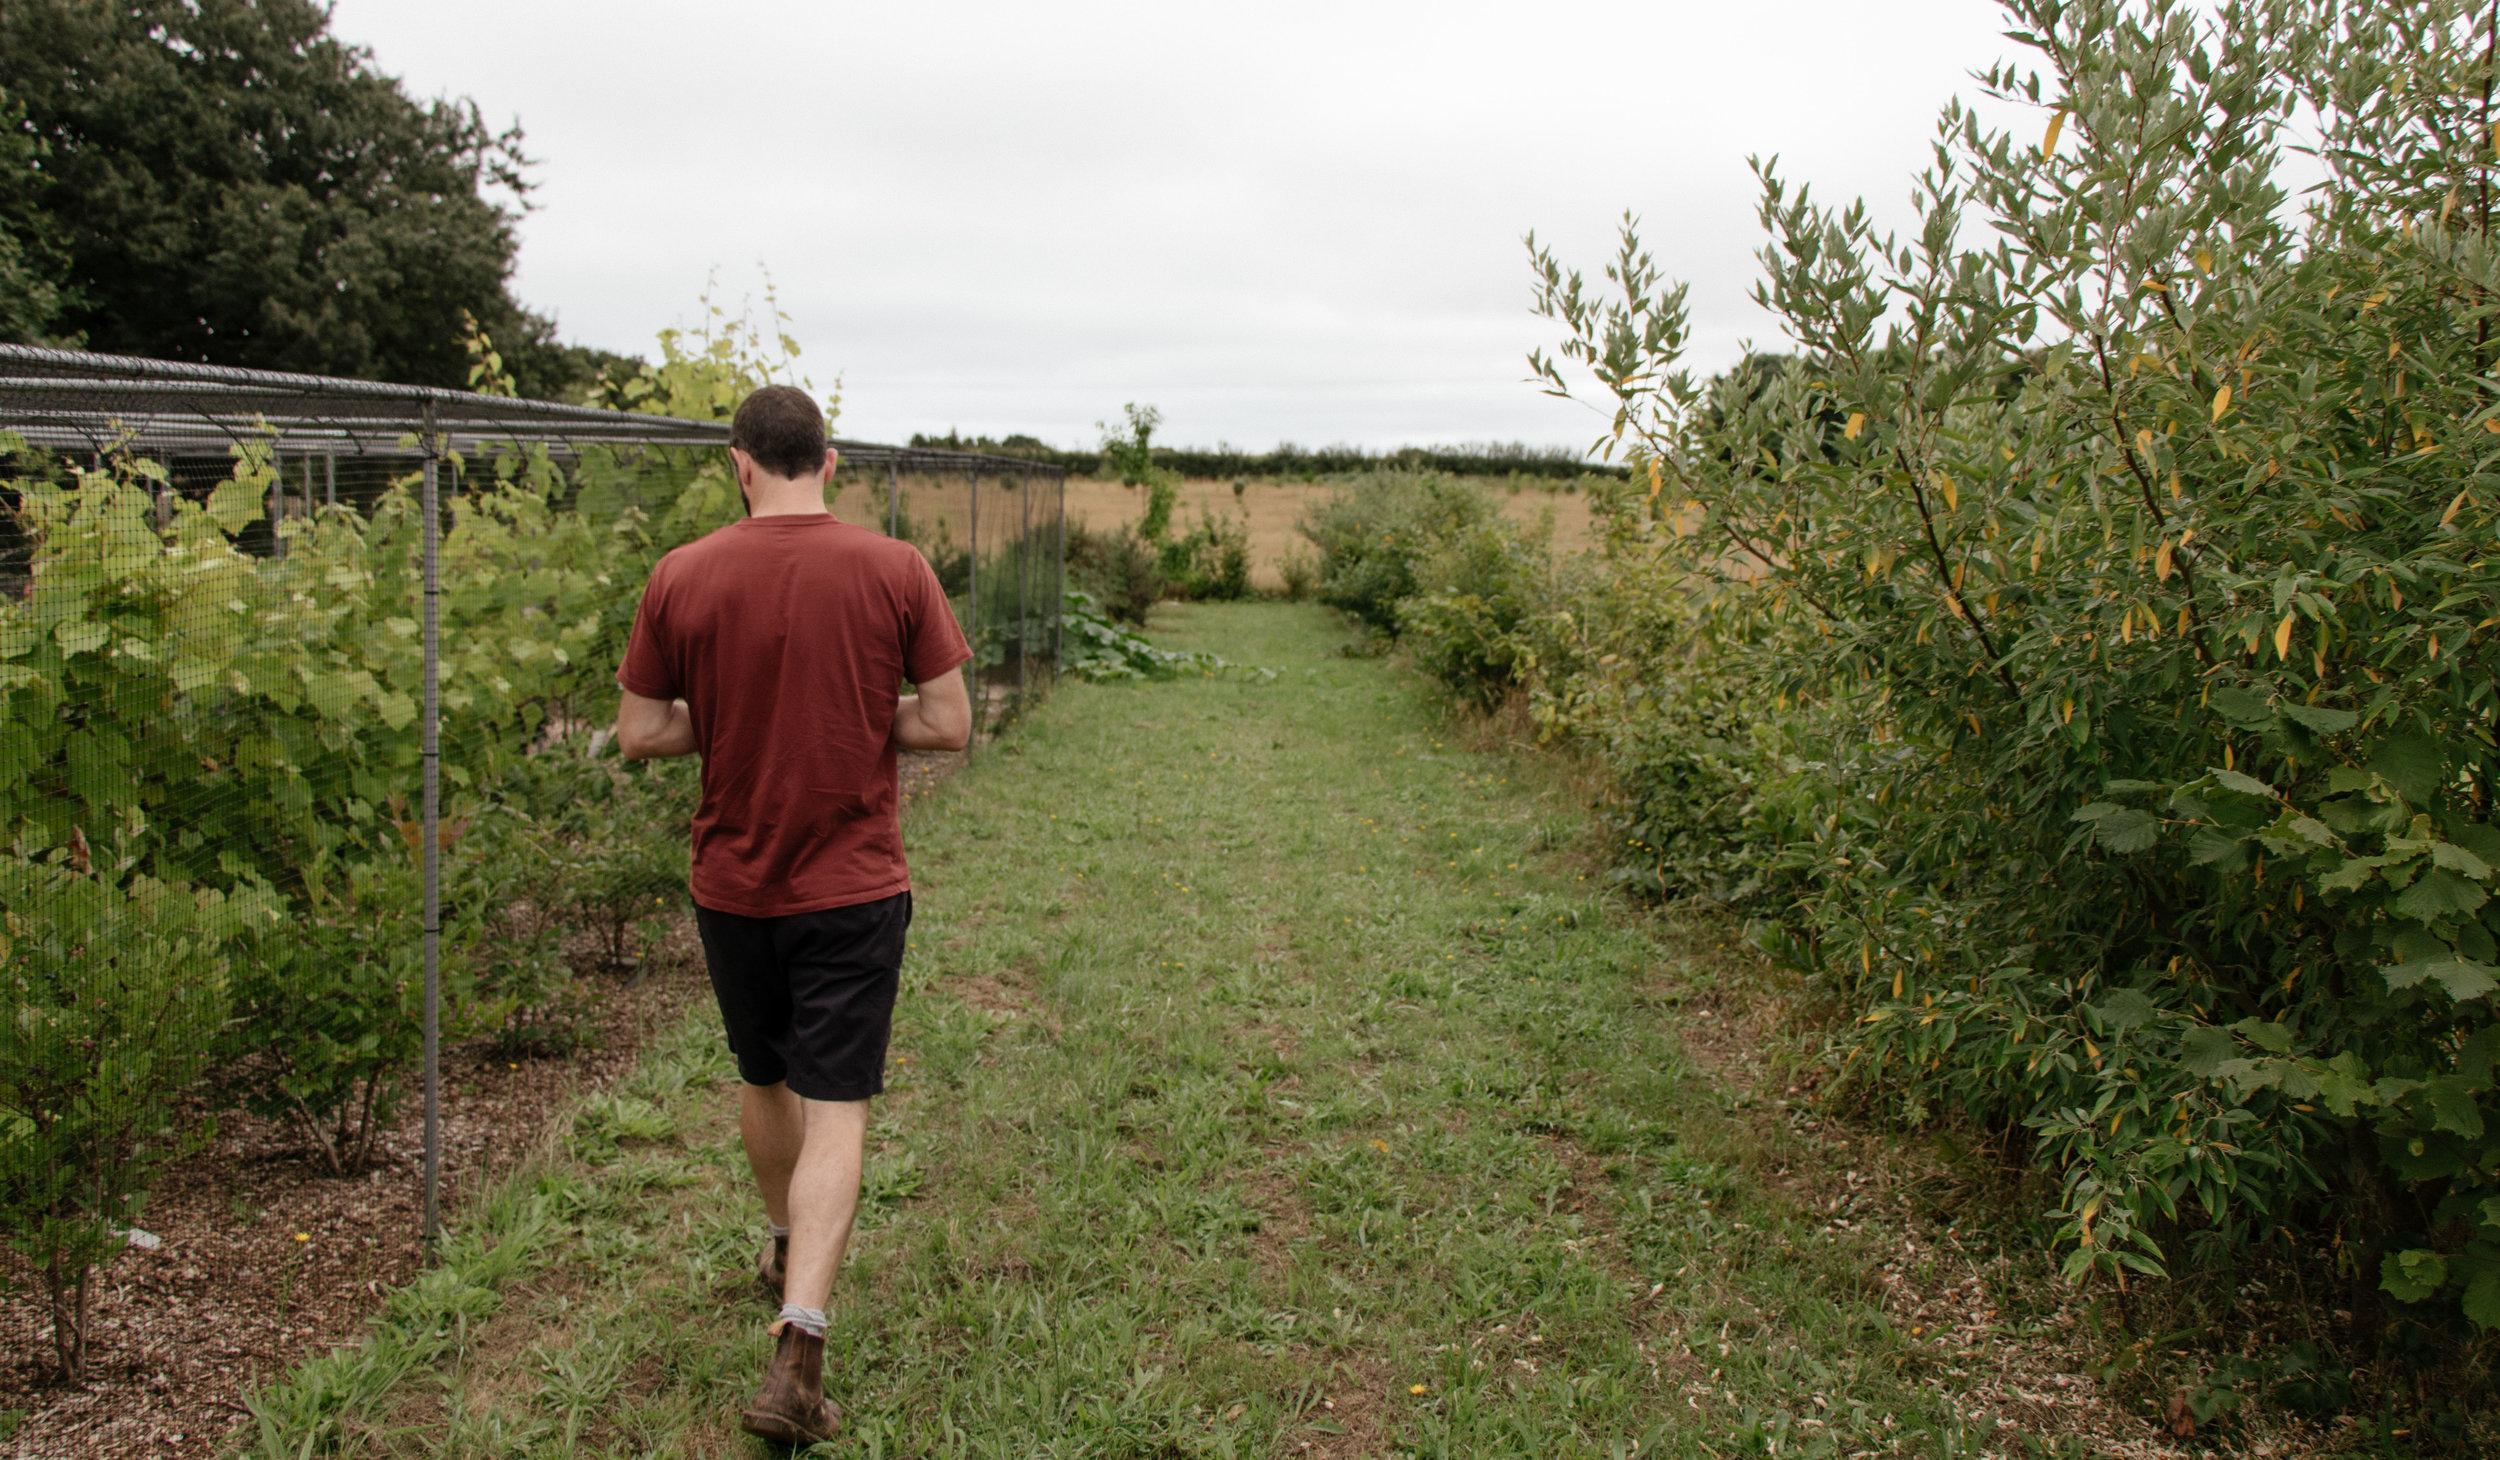 Fields-in-Fields_ARGAL-HOME-FARM-James-garden_5.jpg